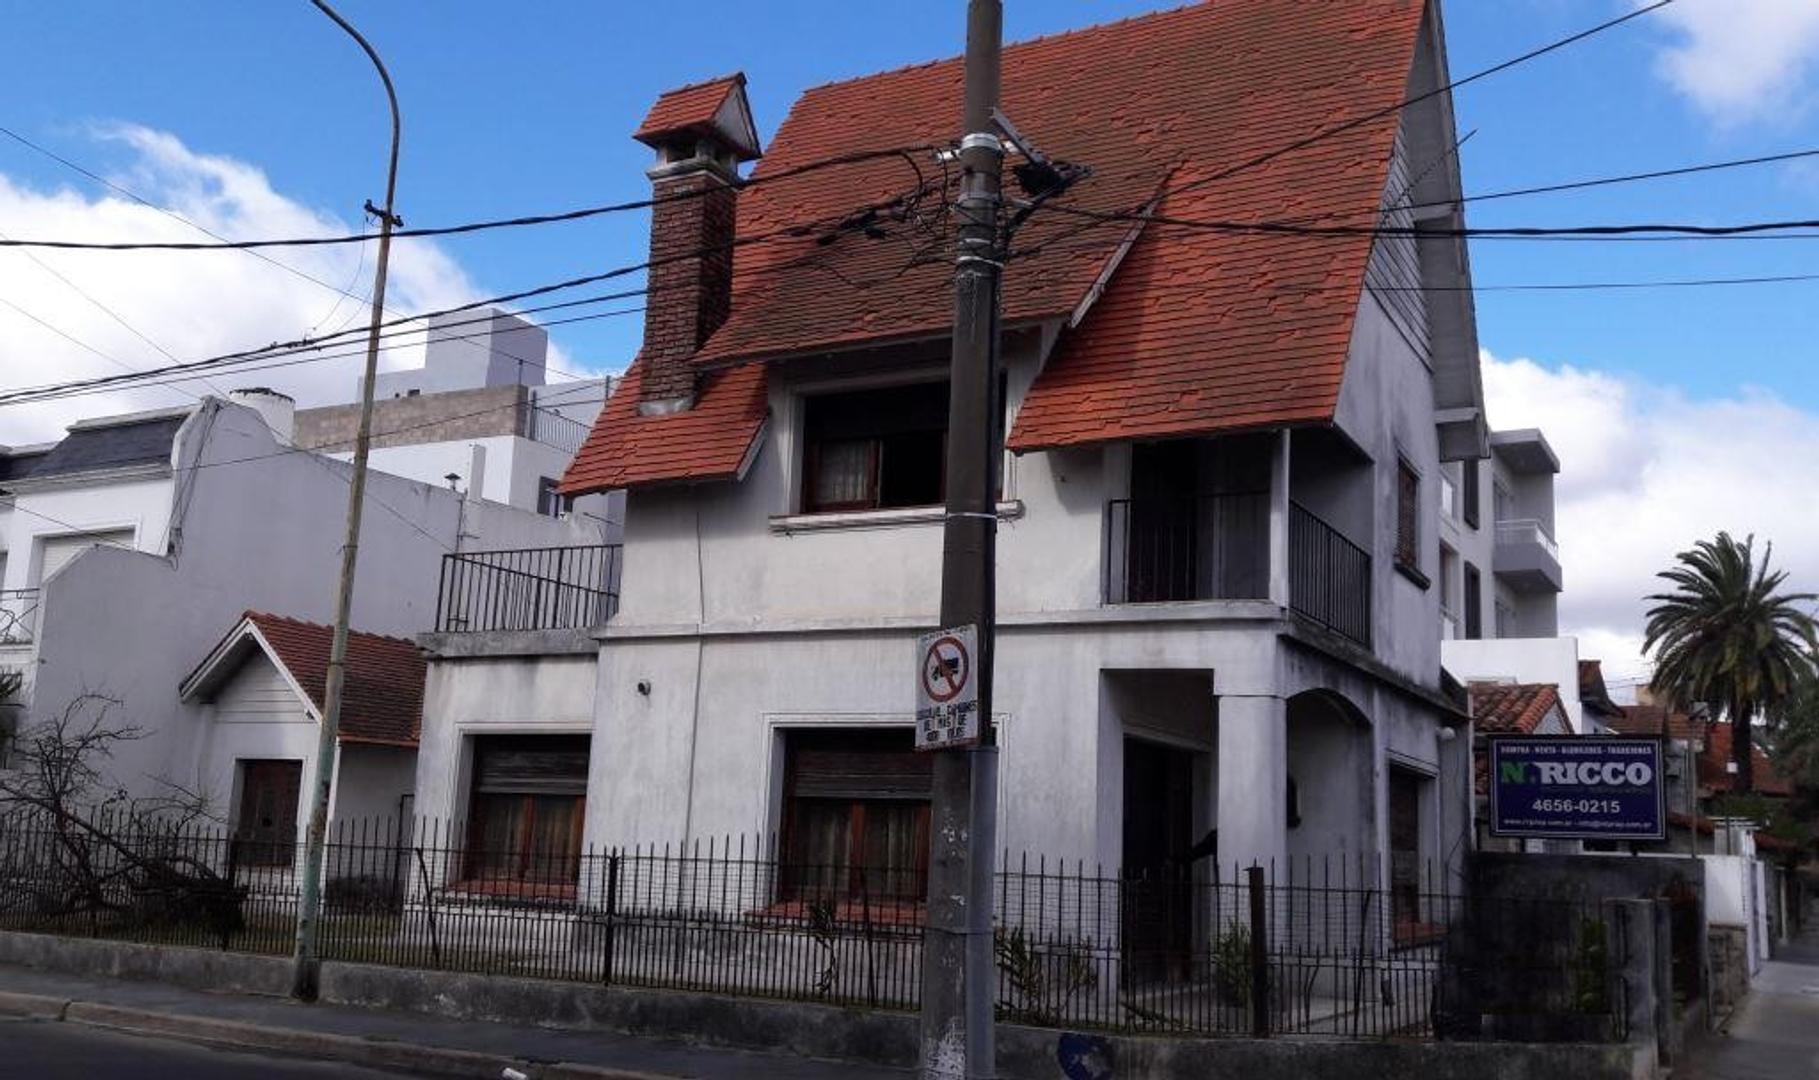 Casa 4 amb  2 plantas 150m2 cub. c/dep, a reciclar. NUEVA TASACION ! Excelente ubicación.